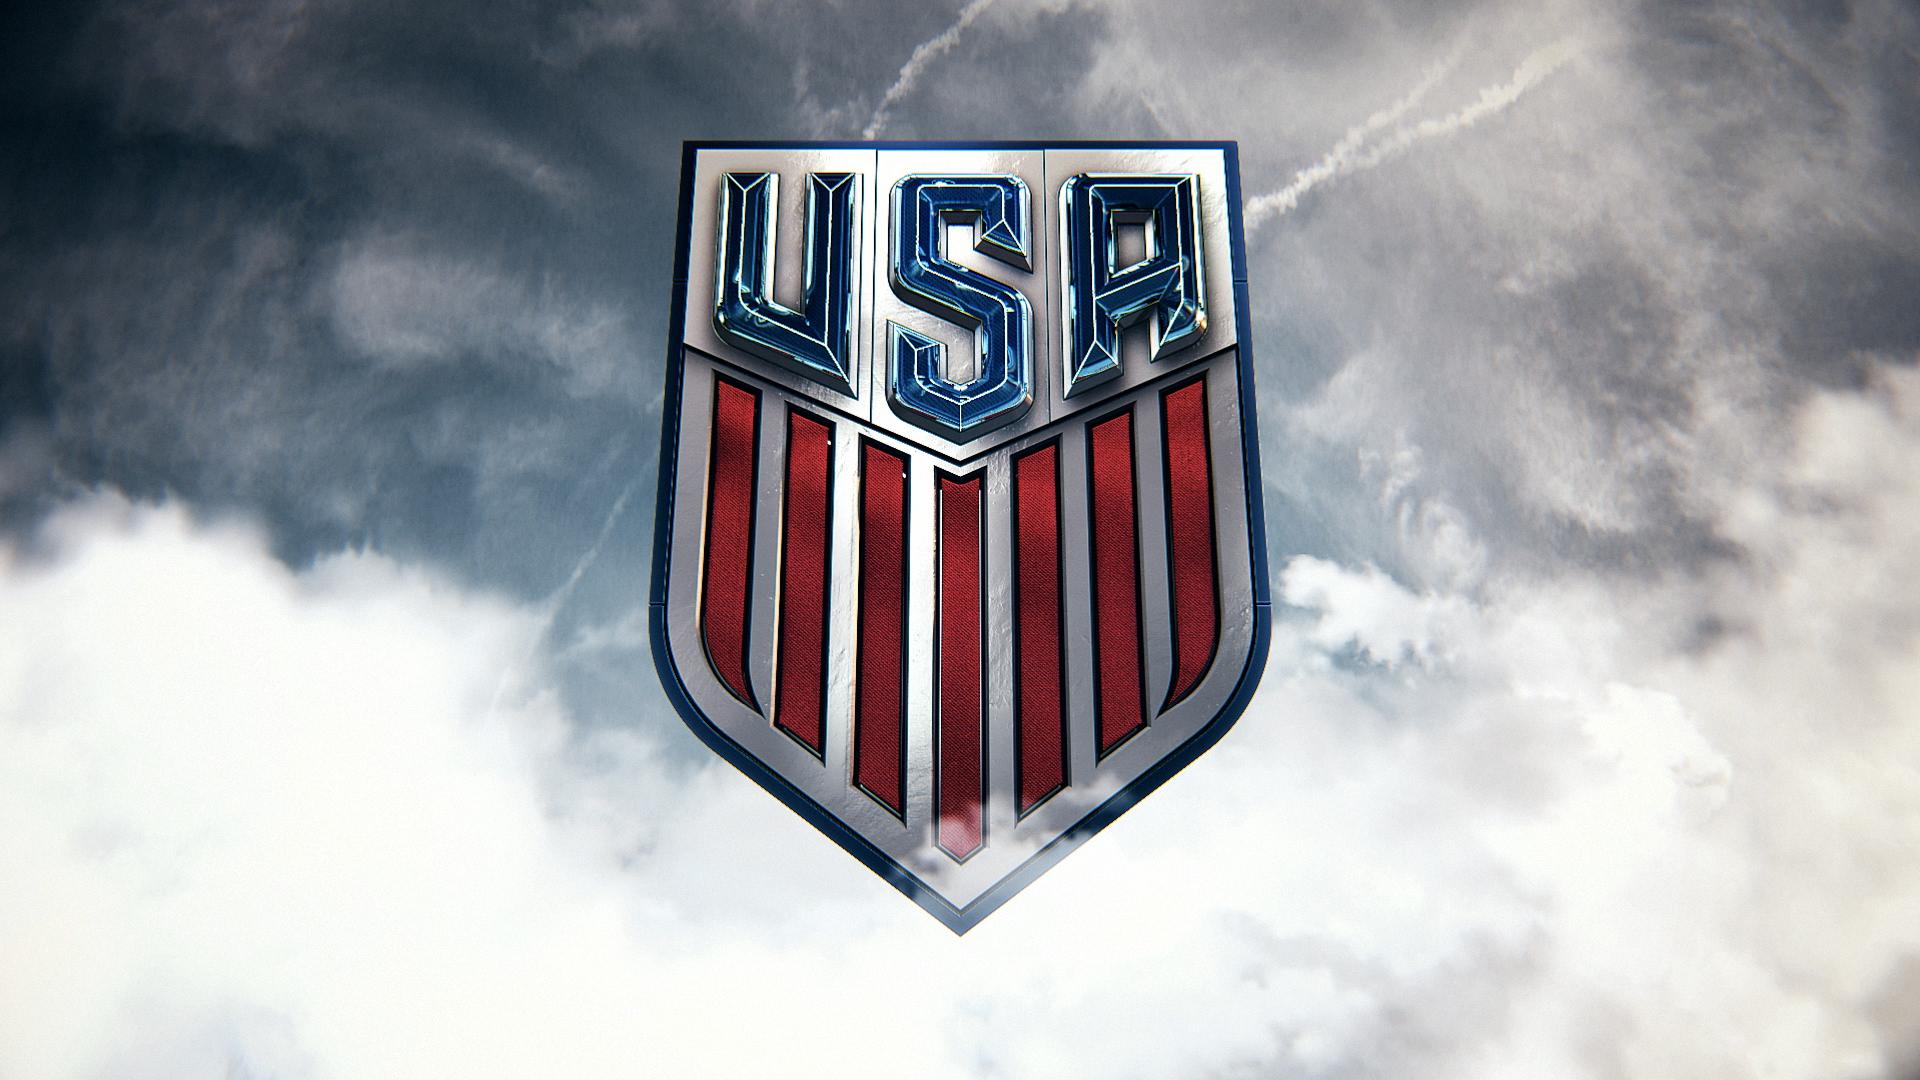 170707_US_Soccer_Endstamp03_V002_1.jpg